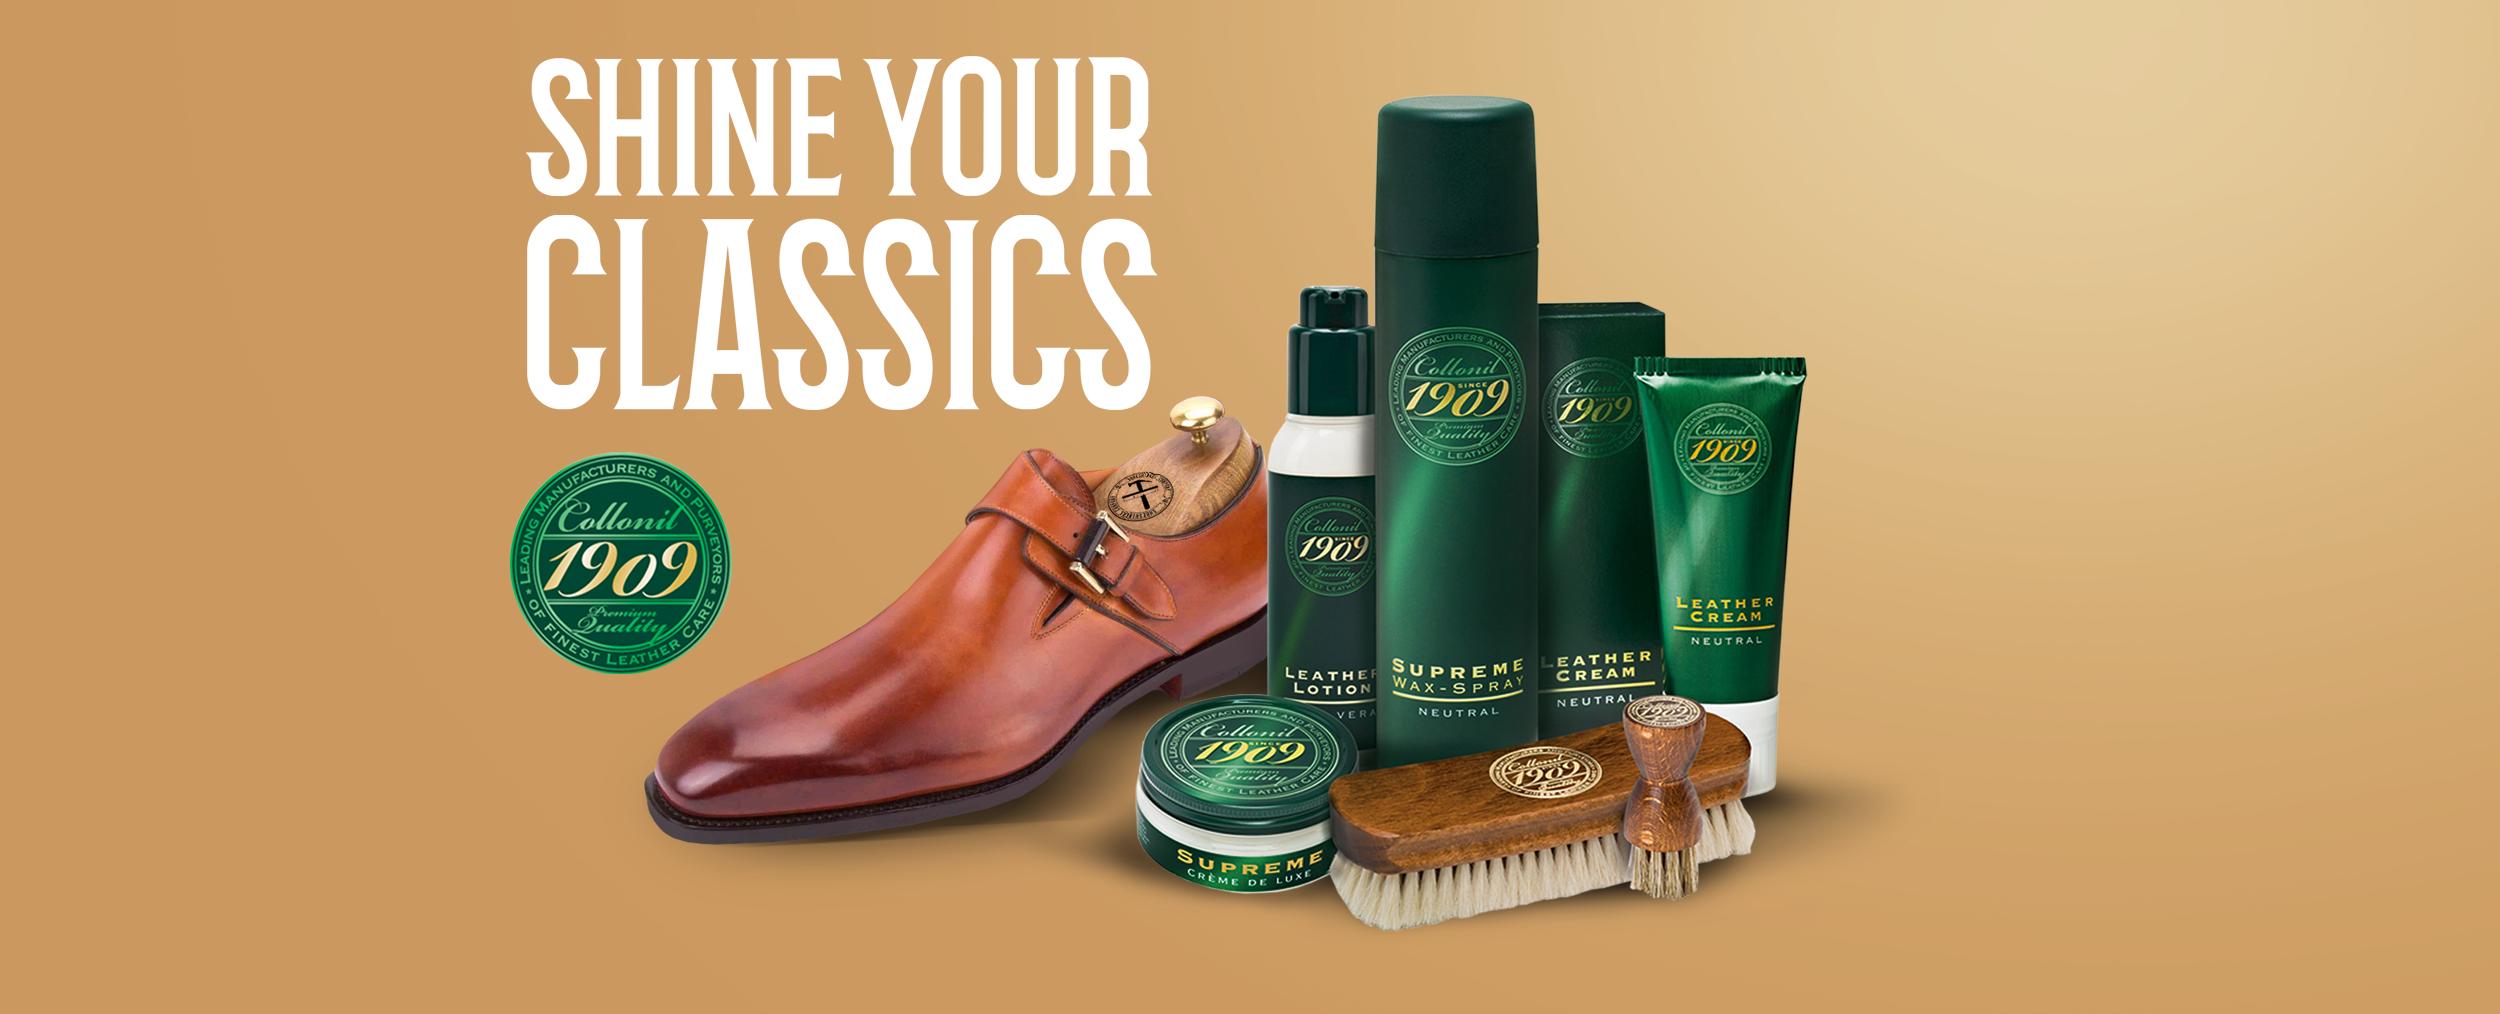 Schoenmaker klassieke maat schoenen poetsen shoeshiners